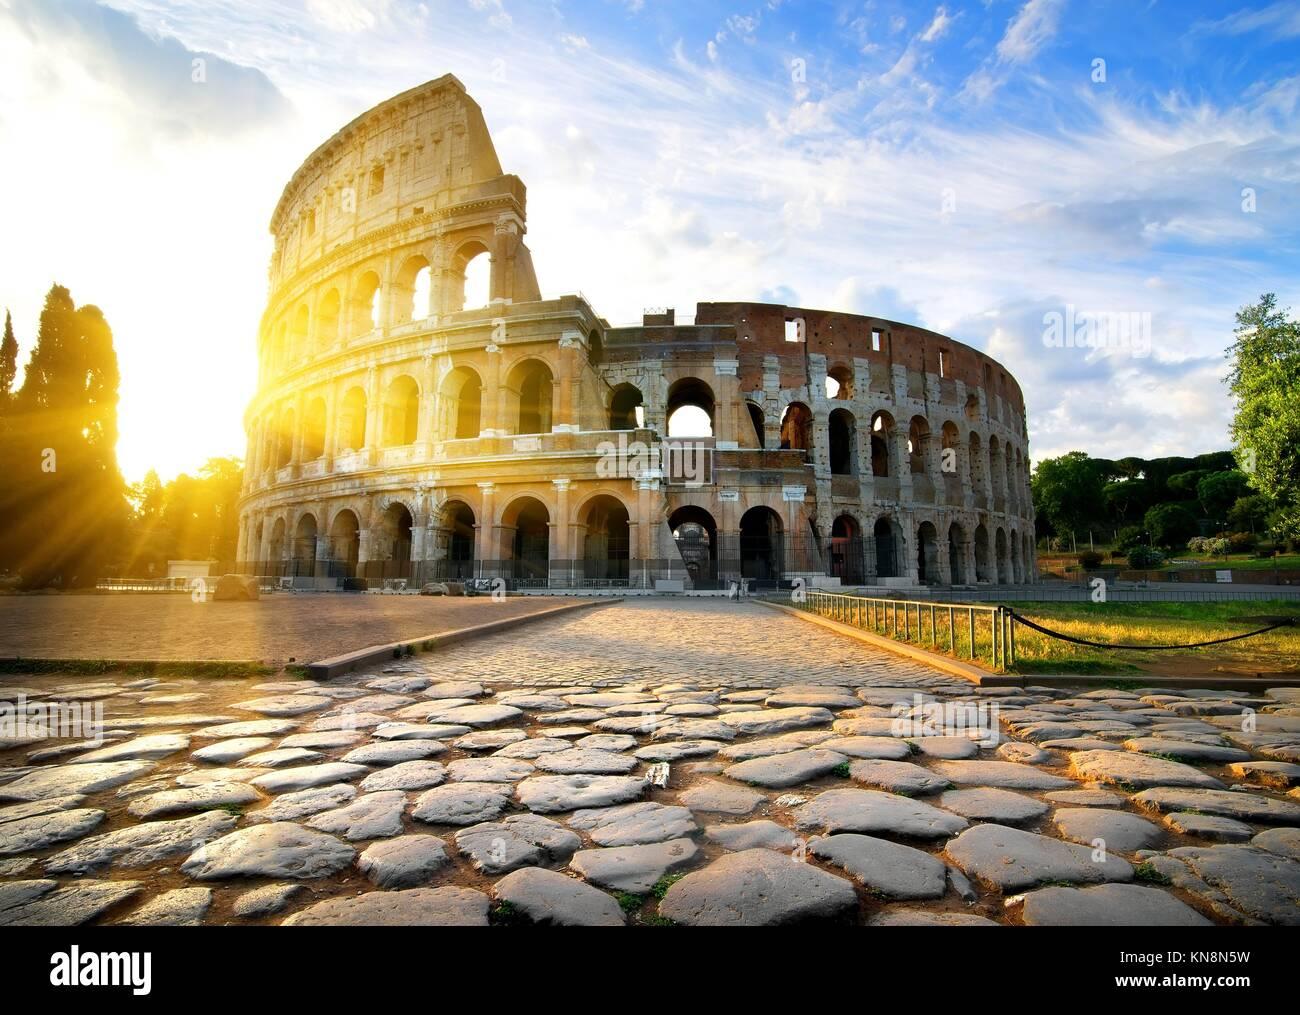 Coliseo de Roma al alba, Italia. Imagen De Stock